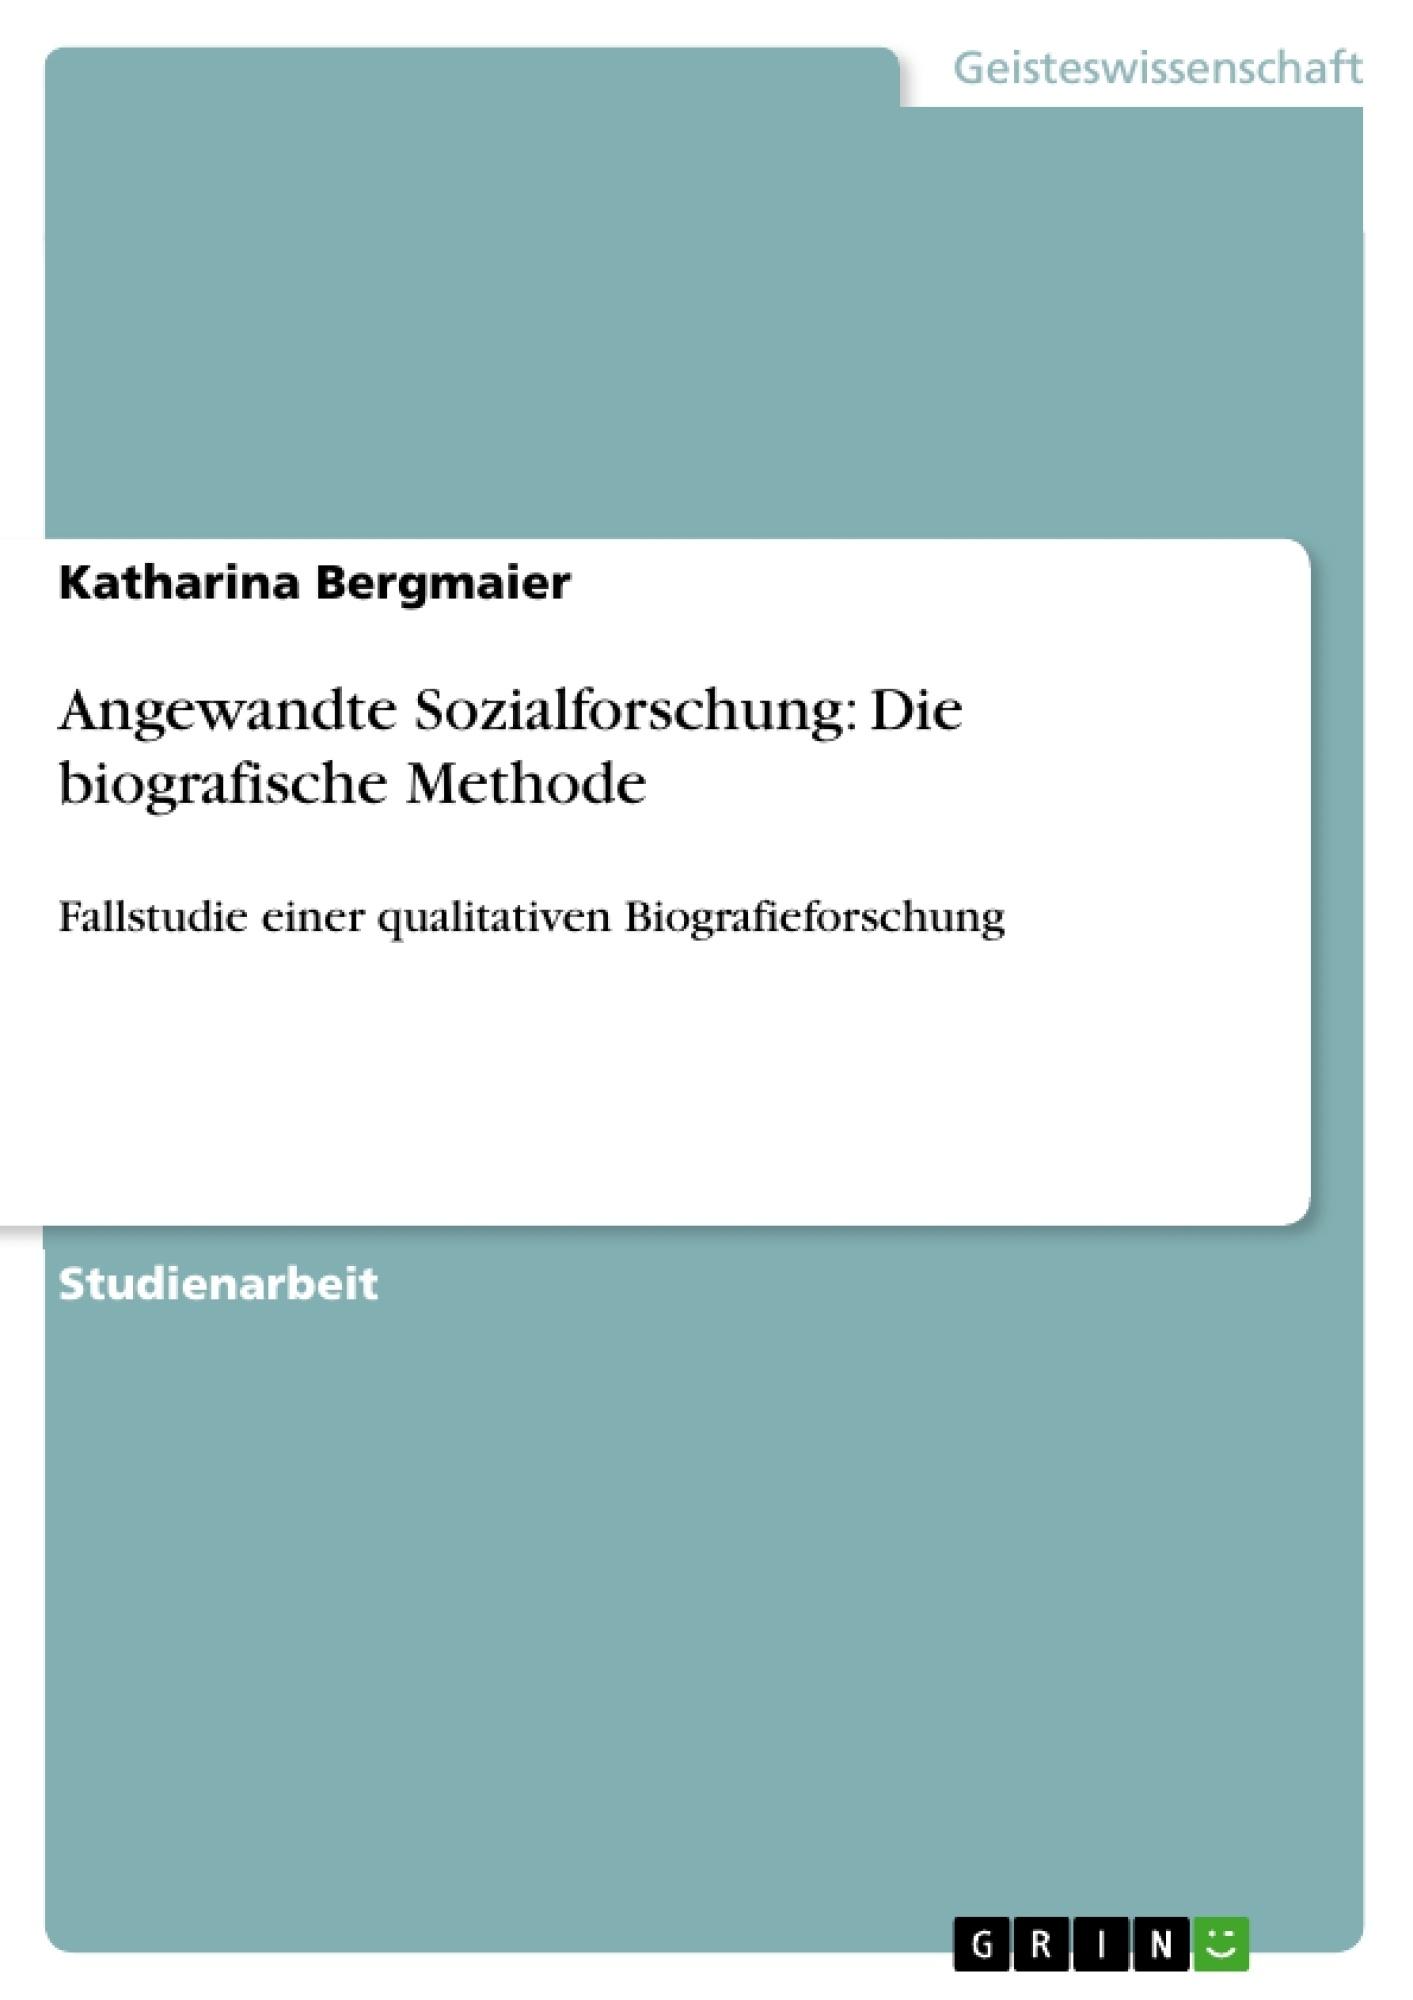 Titel: Angewandte Sozialforschung: Die biografische Methode